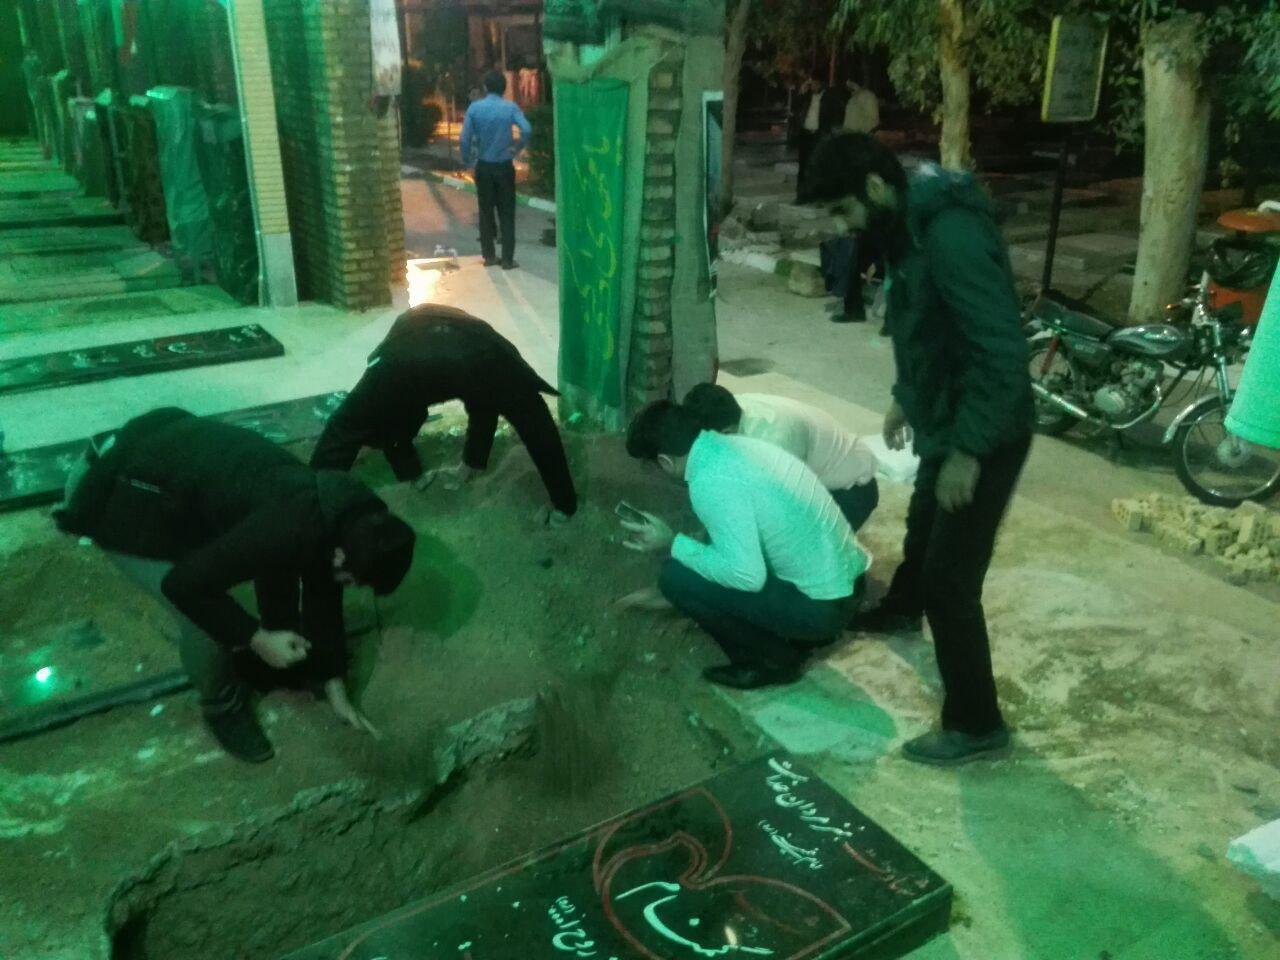 اقدام شرم آور افراطیون در دزفول: حمله شبانه به قبر پدر شهید با ادعای دفاع از شهدا !